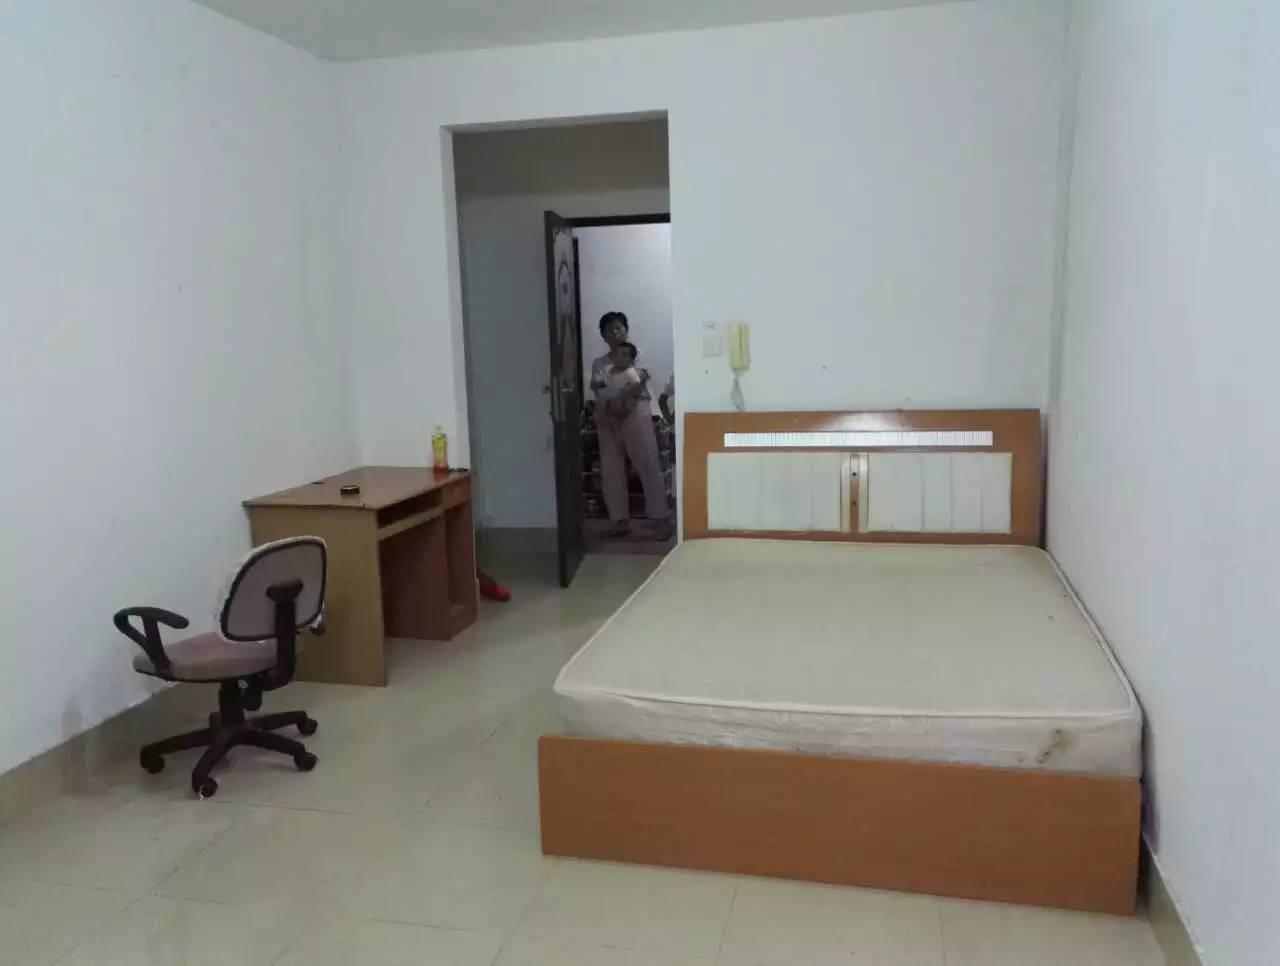 西丽 学子荔园 1室 1厅 31平米 整租